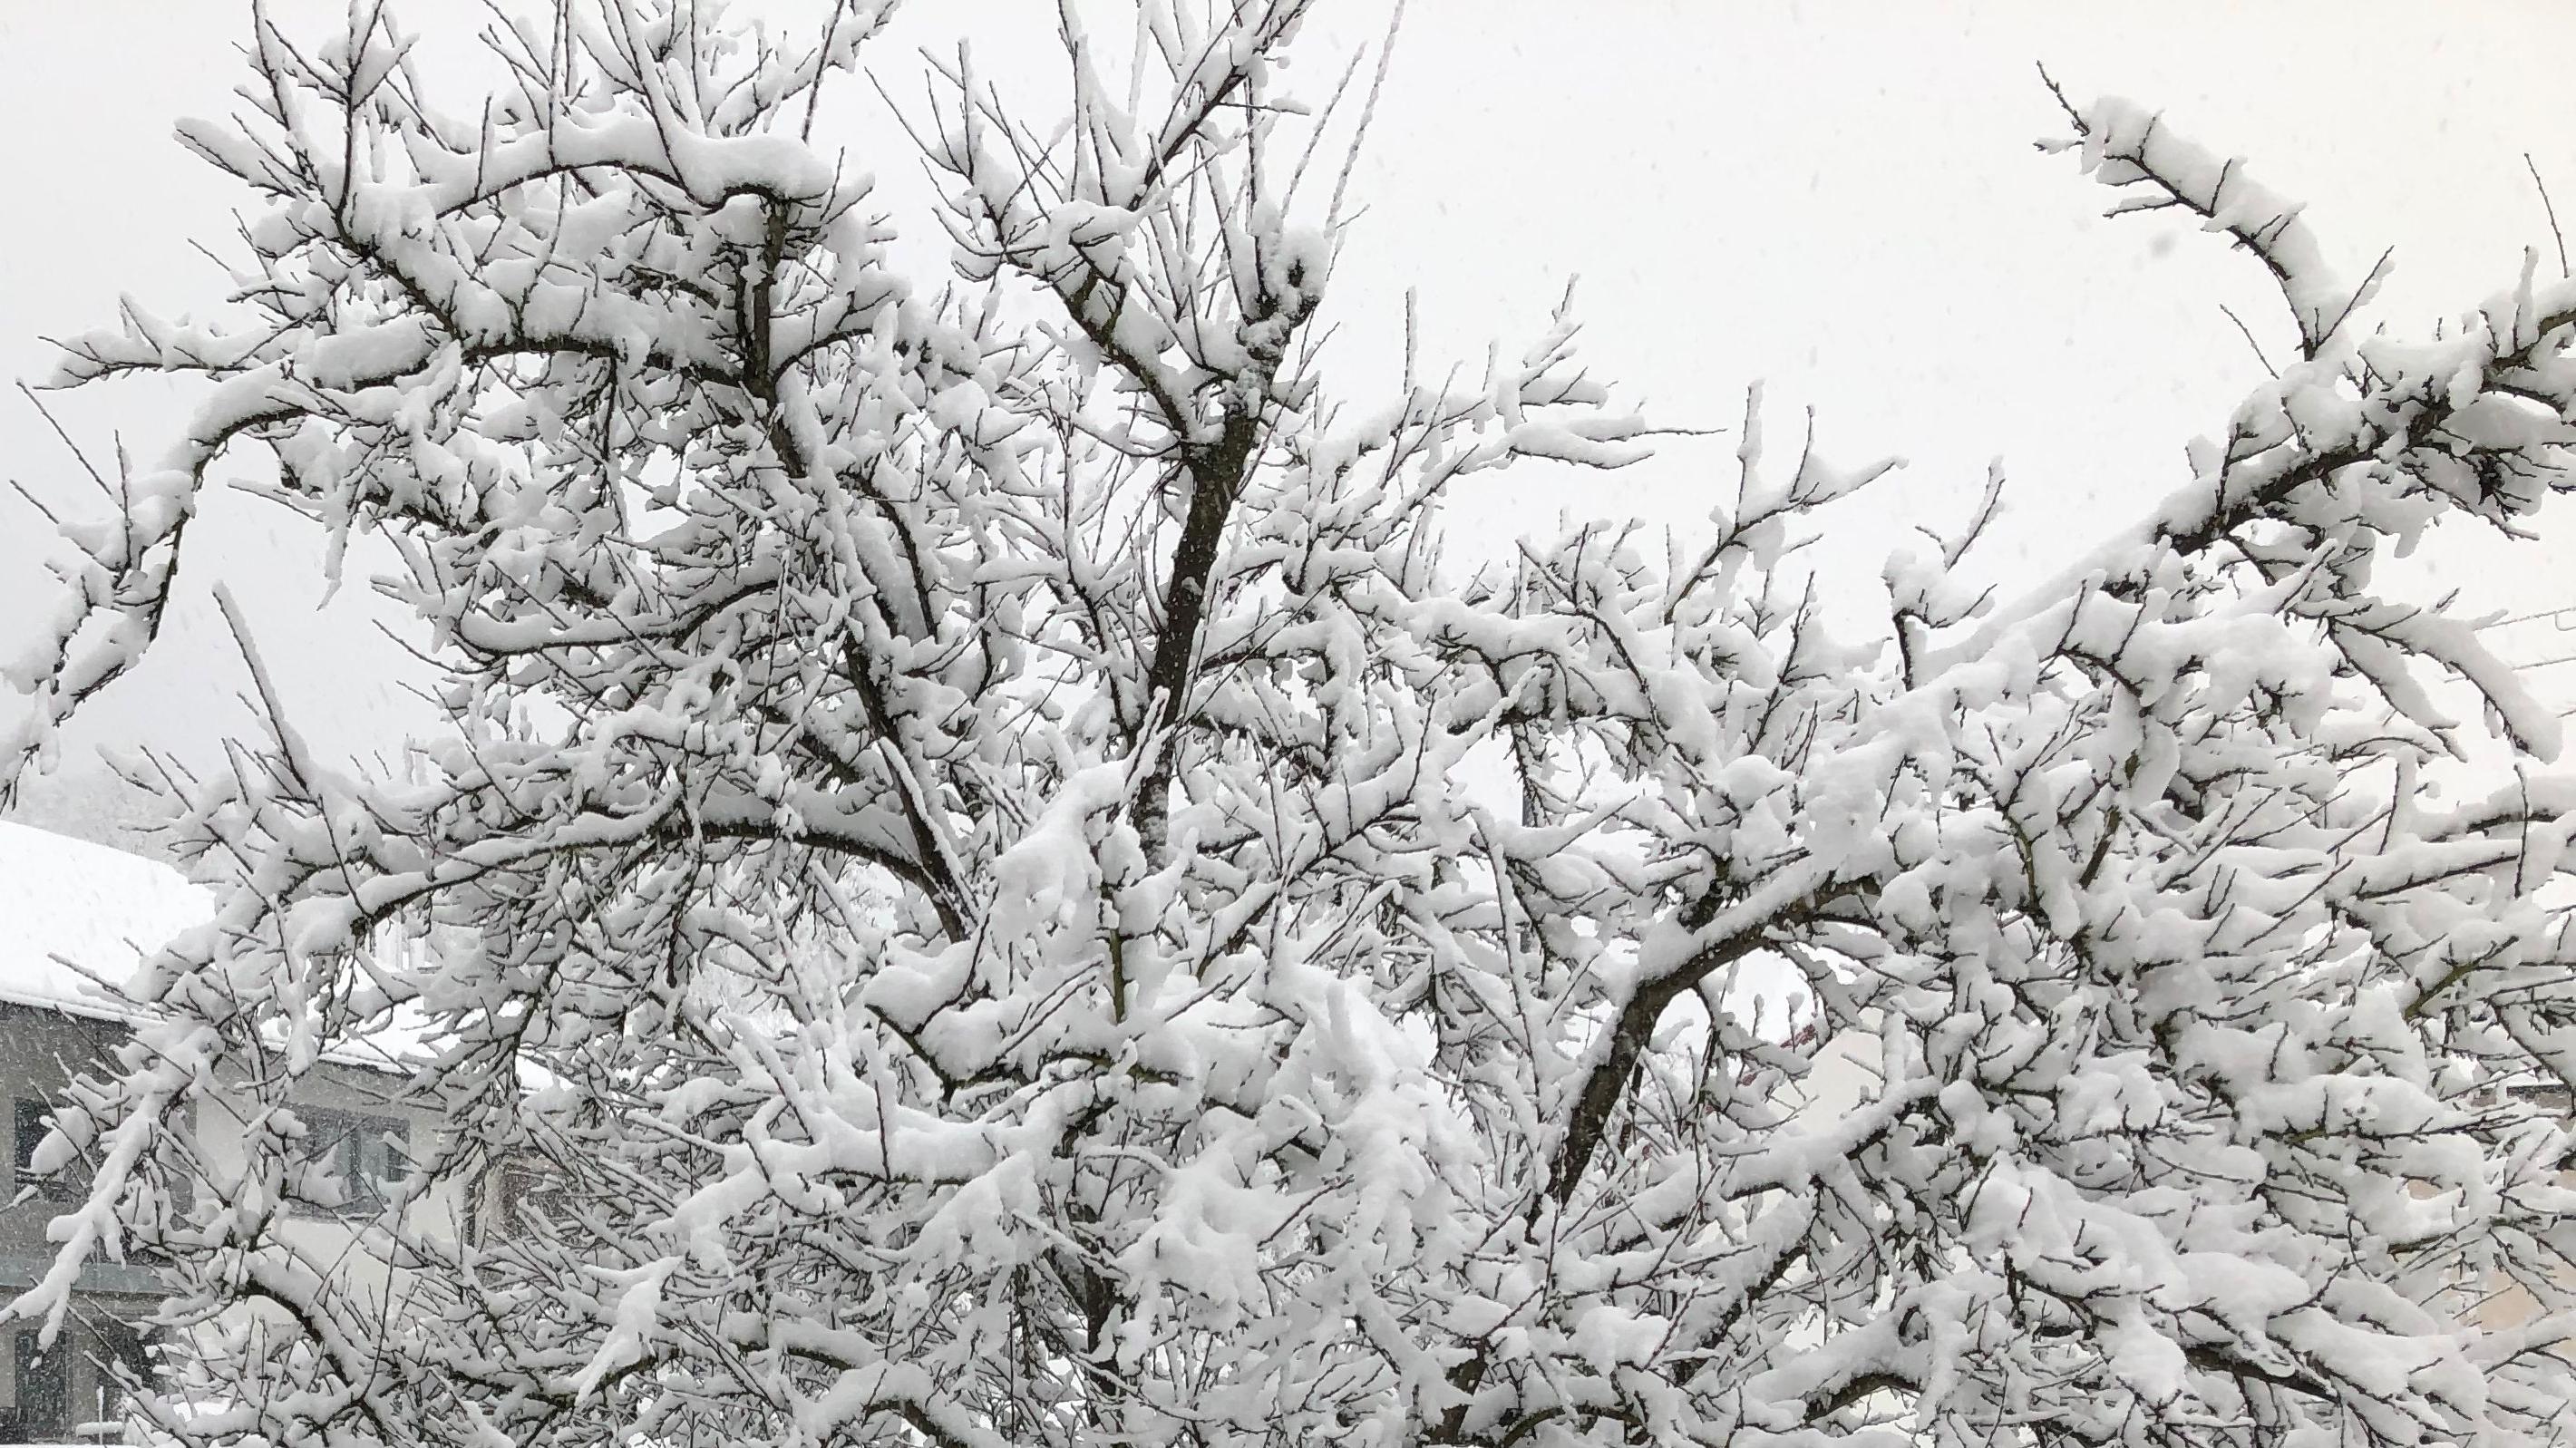 Viele Bäume sind wieder mit Neuschnee bedeckt - wie hier in Niederbayern